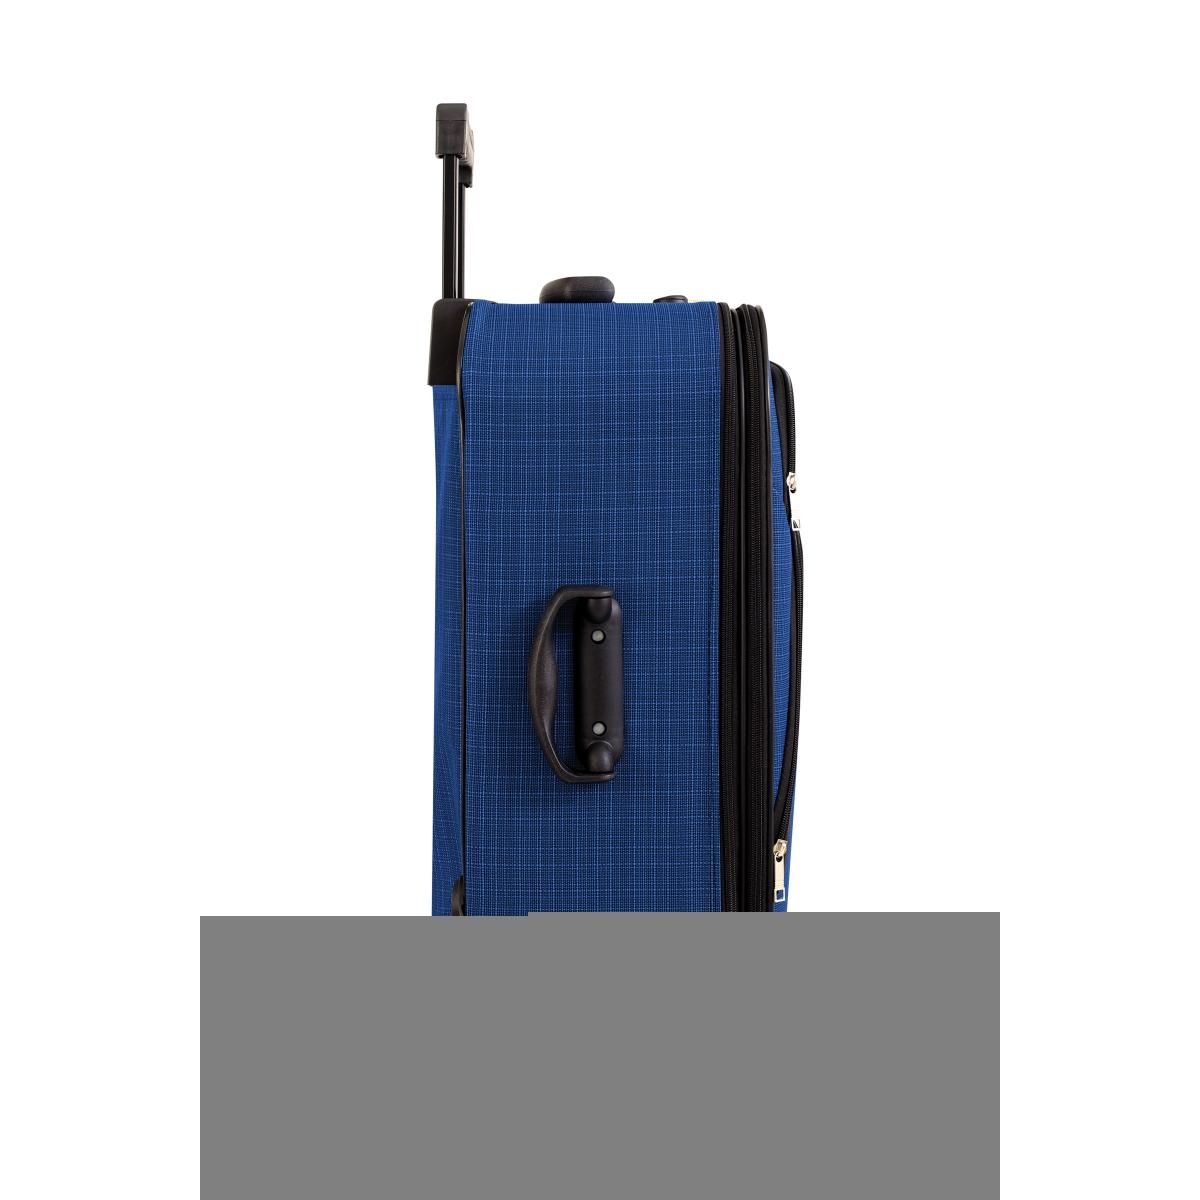 Gedox 2 Teker Geniş Kasa Havlu Kumaş 3'lü Valiz Seyahat Seti - Model: 1005.05 Çivit Mavi